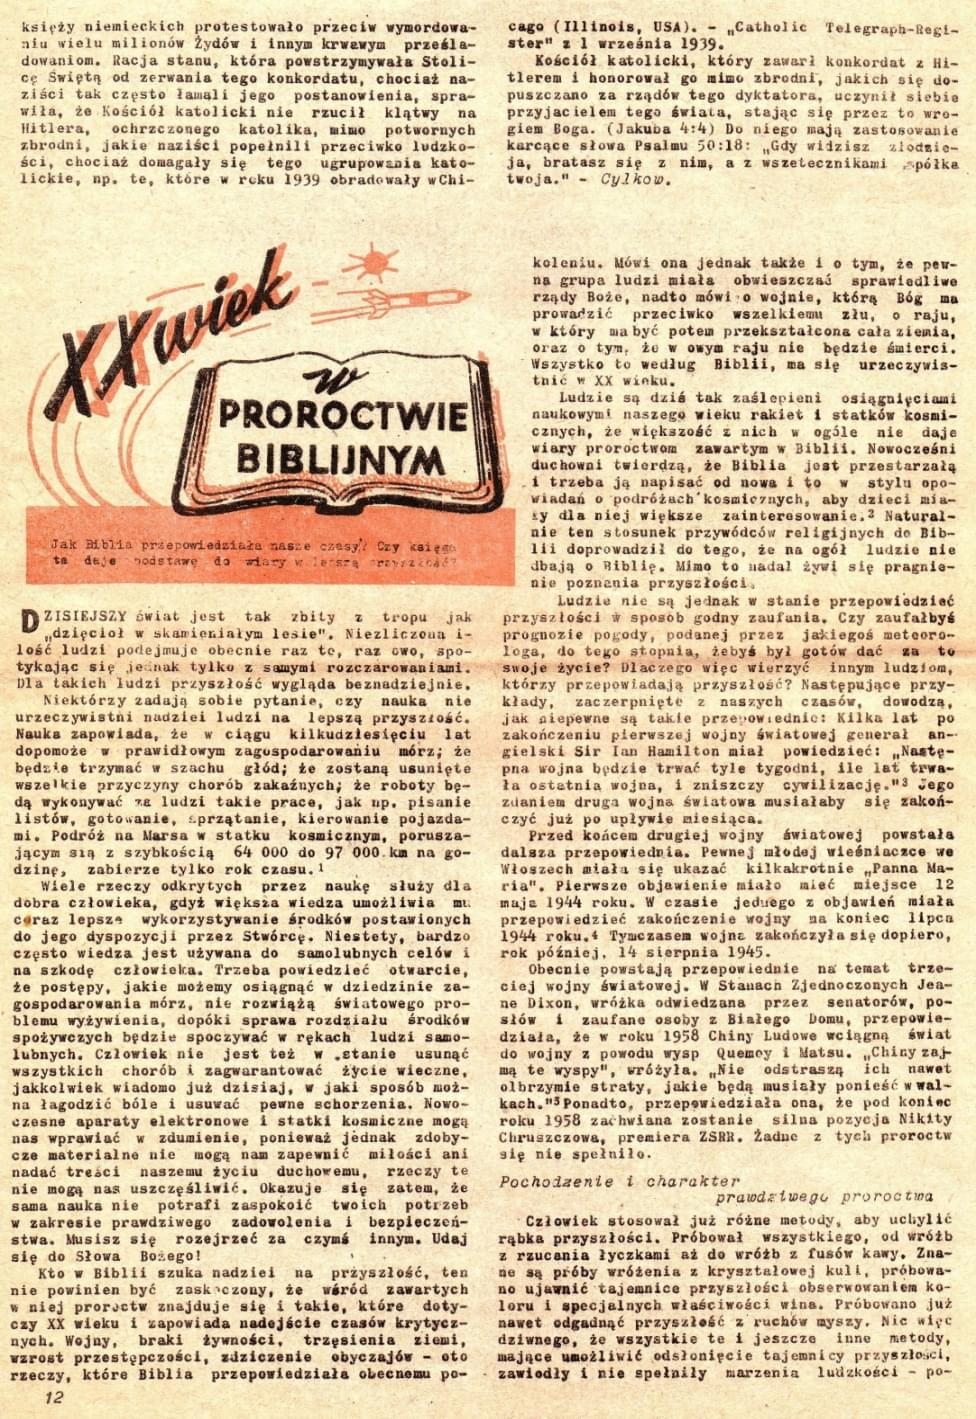 1. Przebudźcie się! Nr 11 z lat 1960-1969, art. XX wiek w proroctwie biblijnym, s. 12 (Awake! February 22, 1961 pp. 4-6).